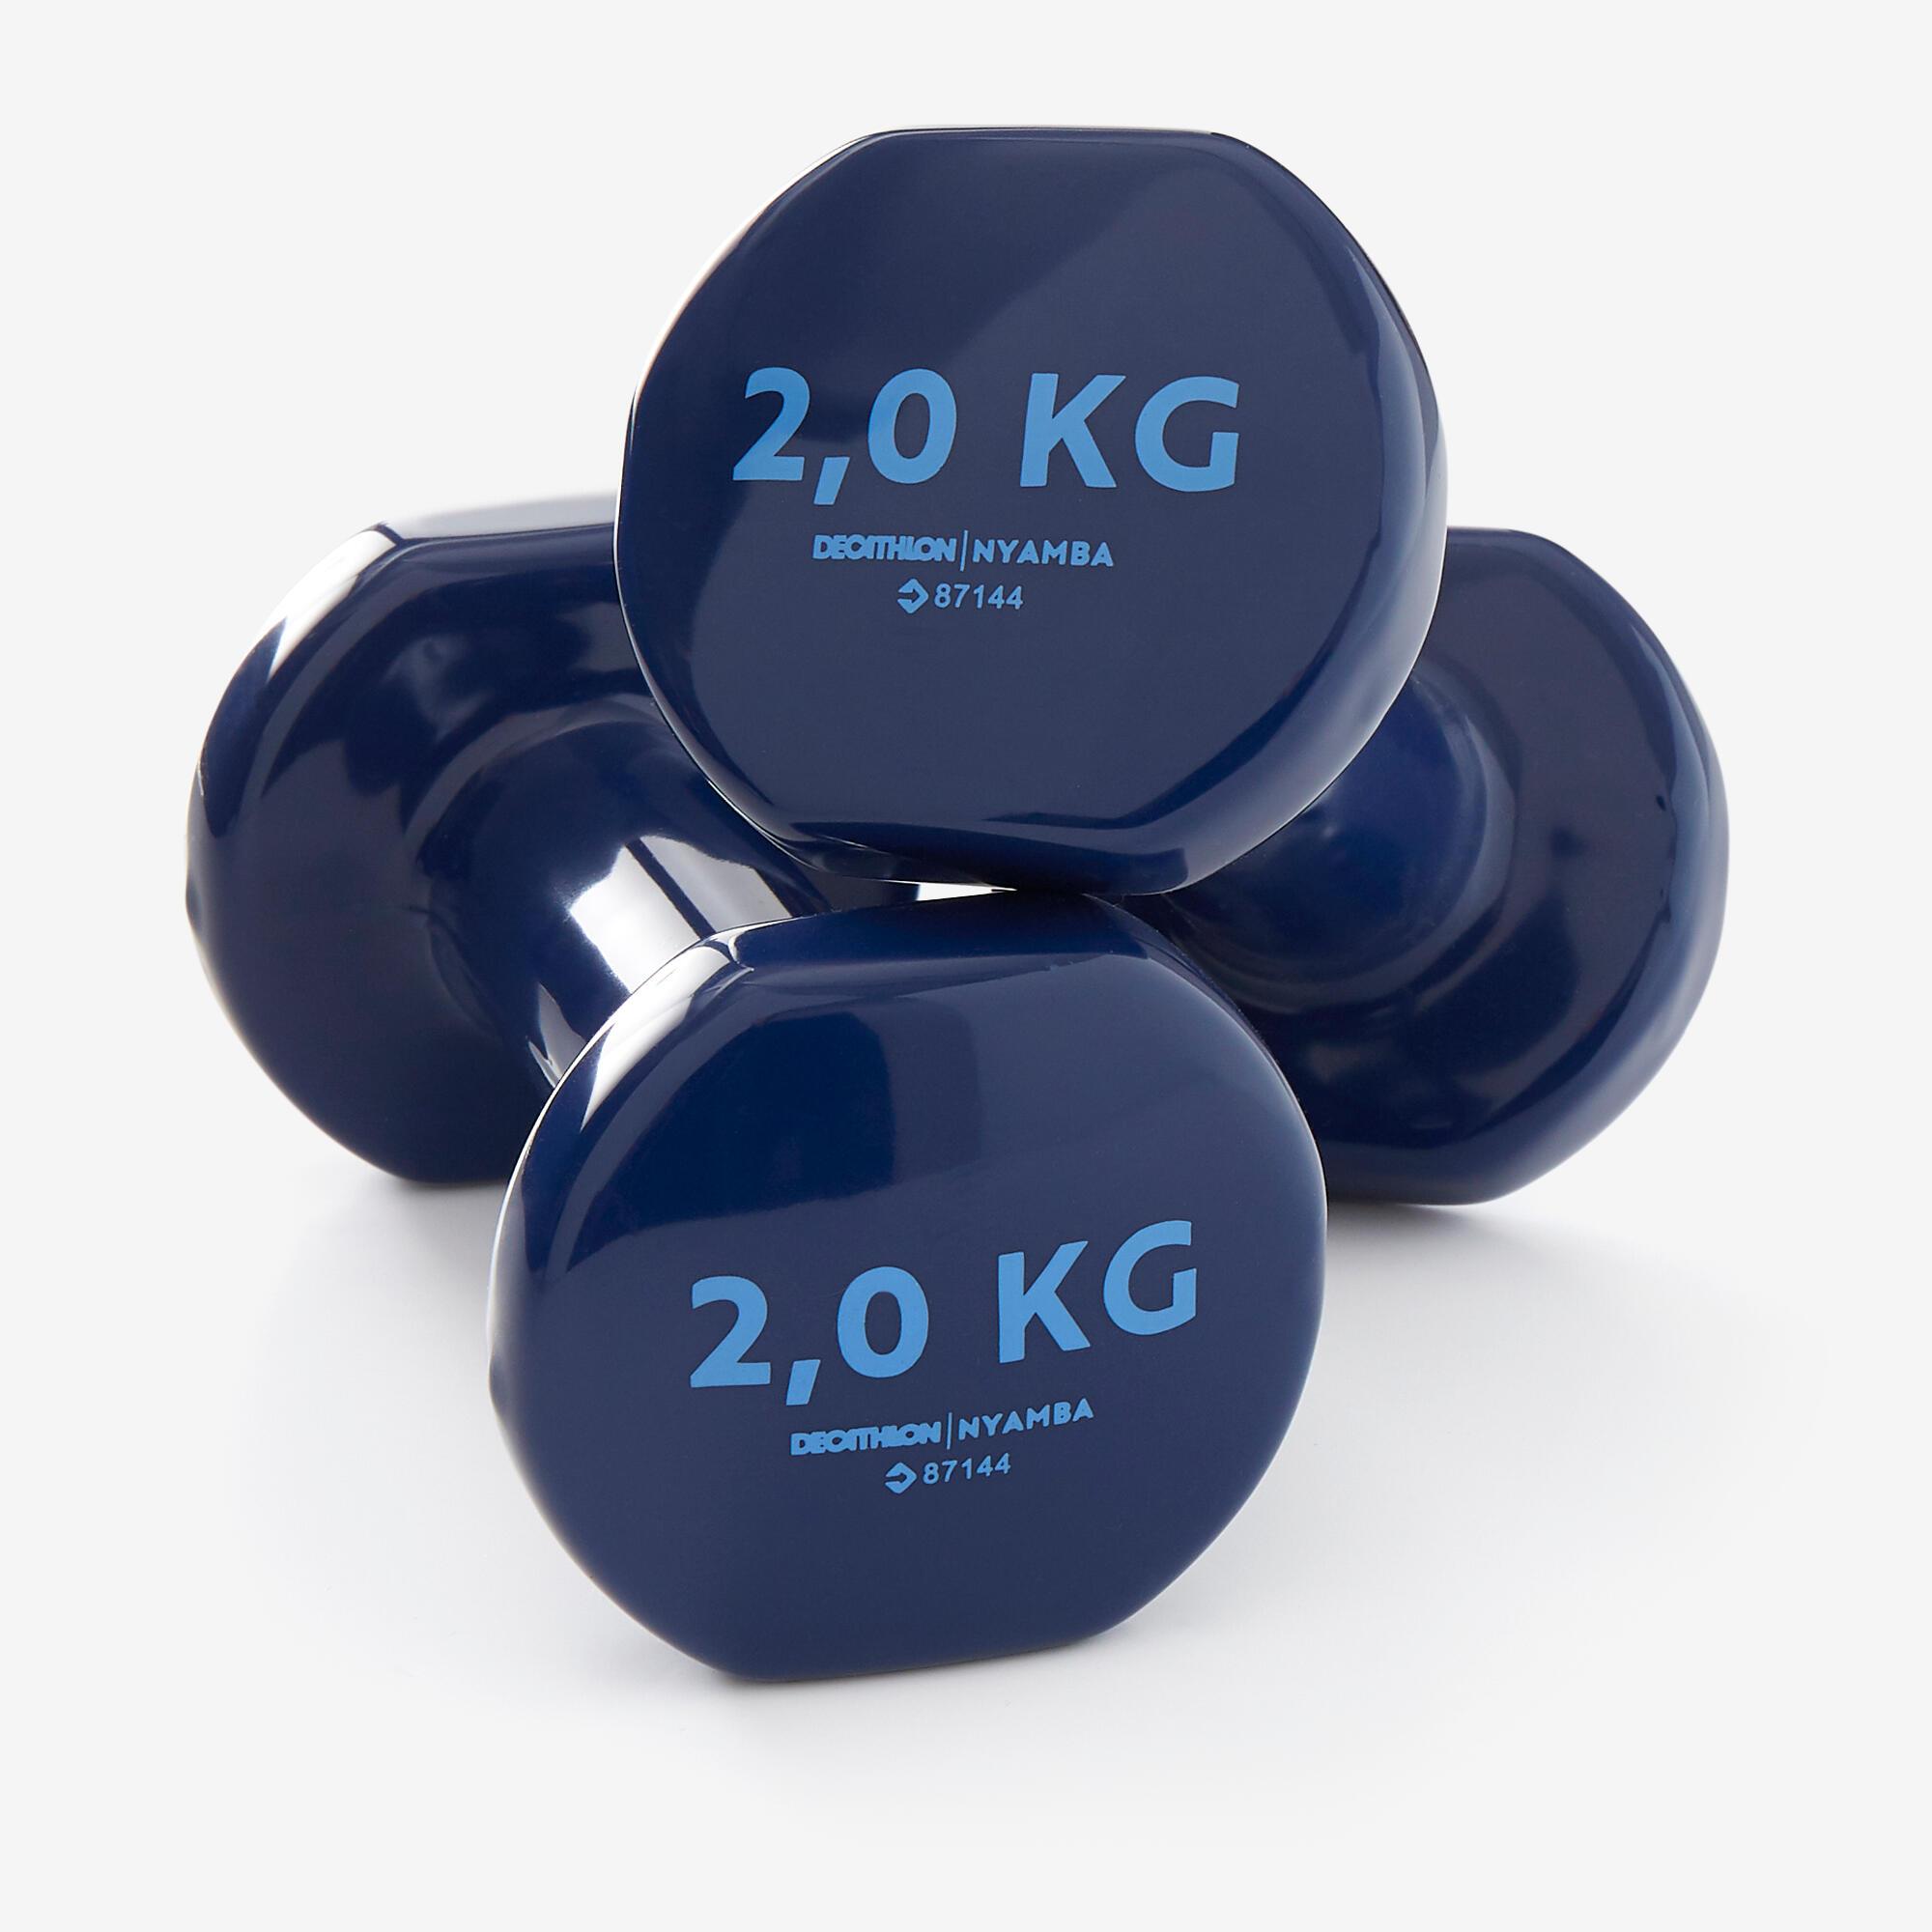 Gantere 2kg x2 la Reducere poza